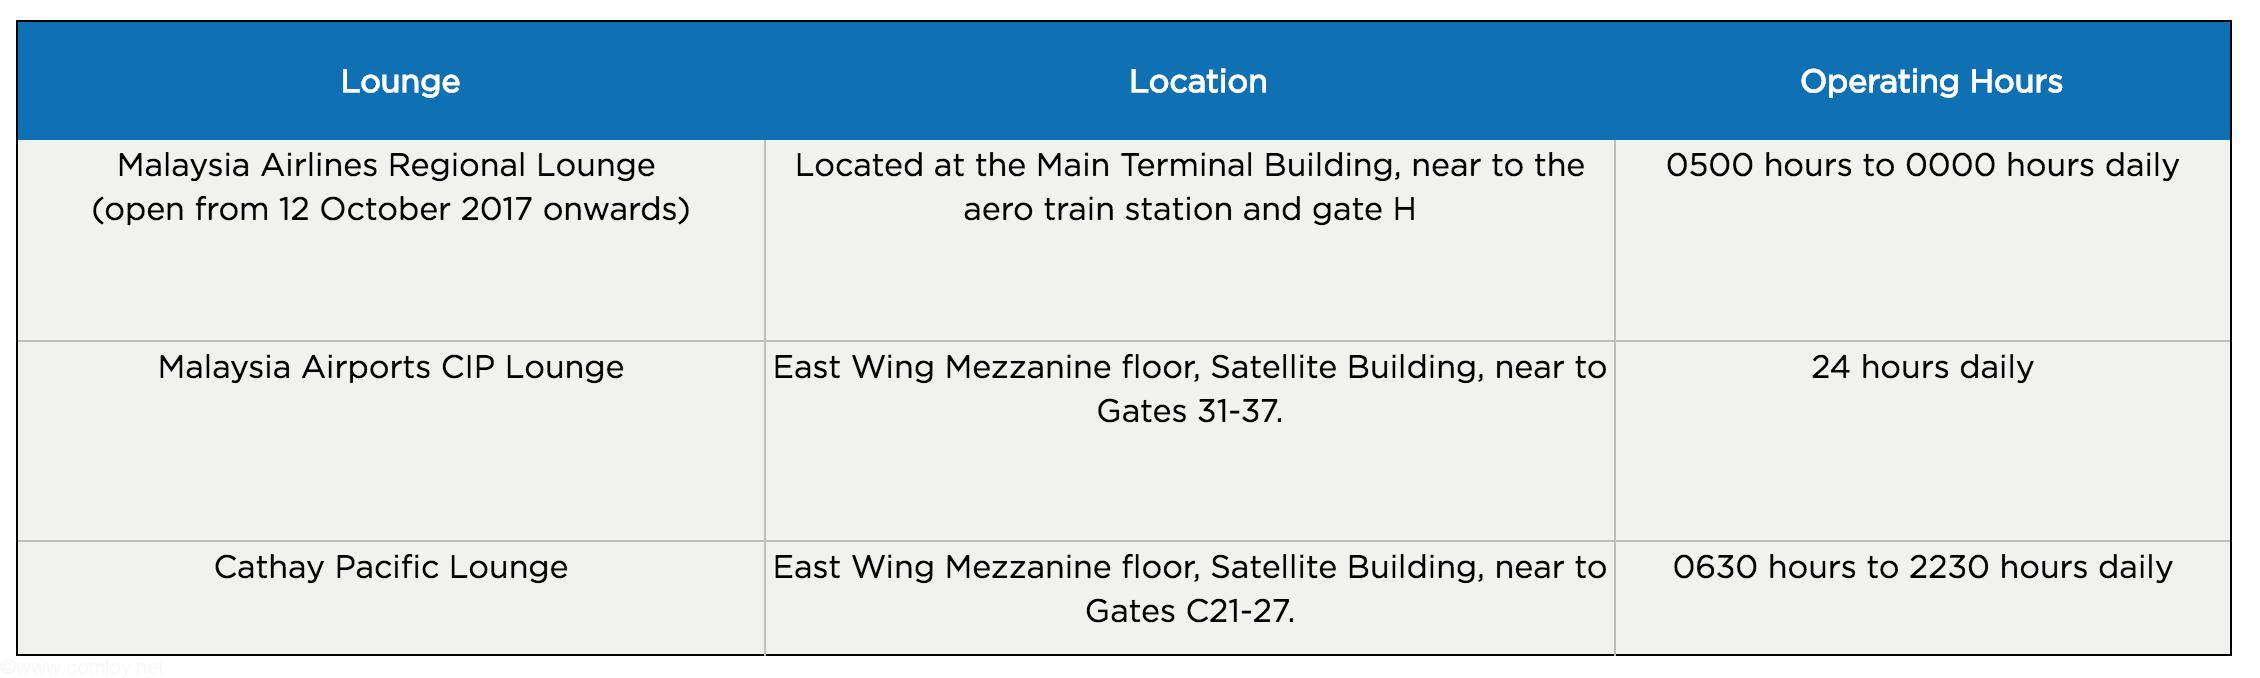 マレーシア航空 クアラルンプール空港ゴールデンラウンジ サテライト代用ラウンジ